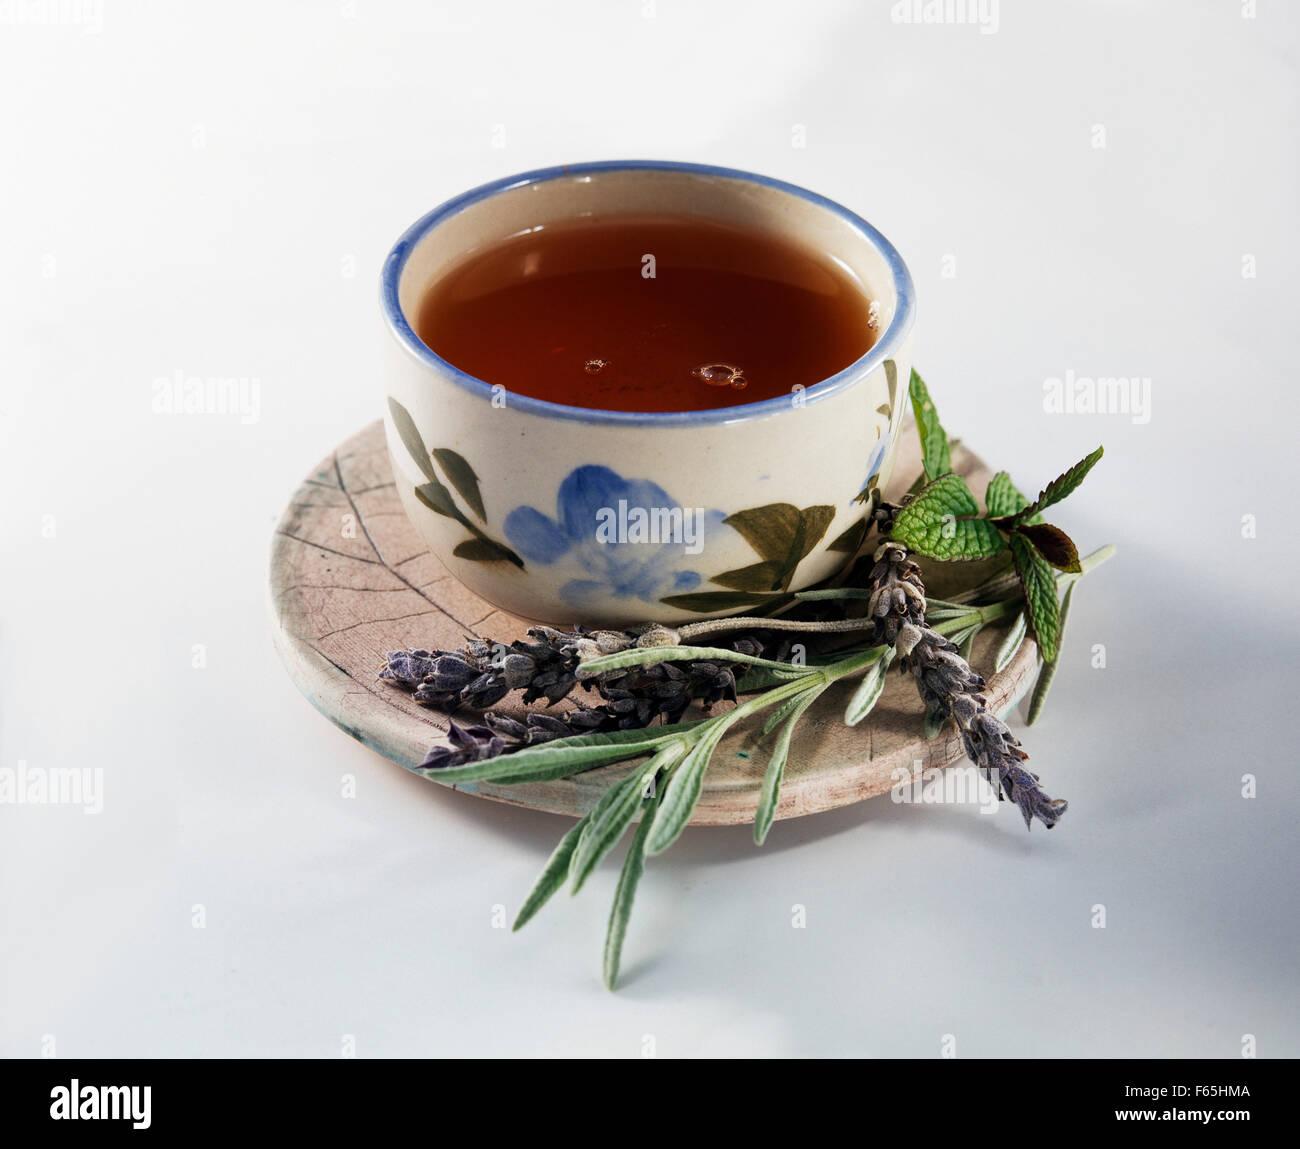 Lavendel und Minze infusion Stockfoto